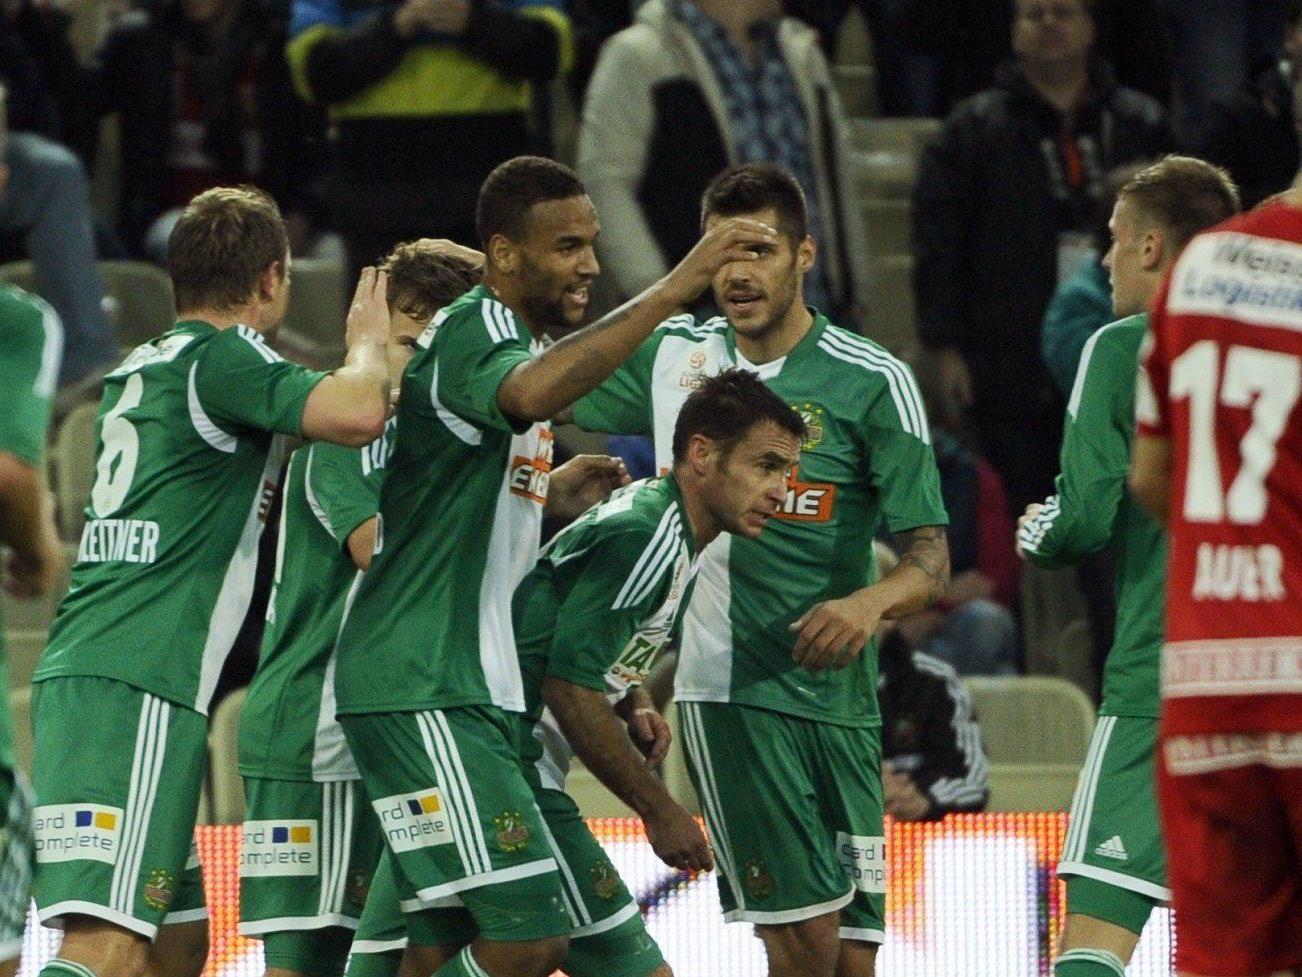 Die Meinungen zum Bundesliga-Spiel SK Rapid Wien gegen FC Admira Wacker Mödling.